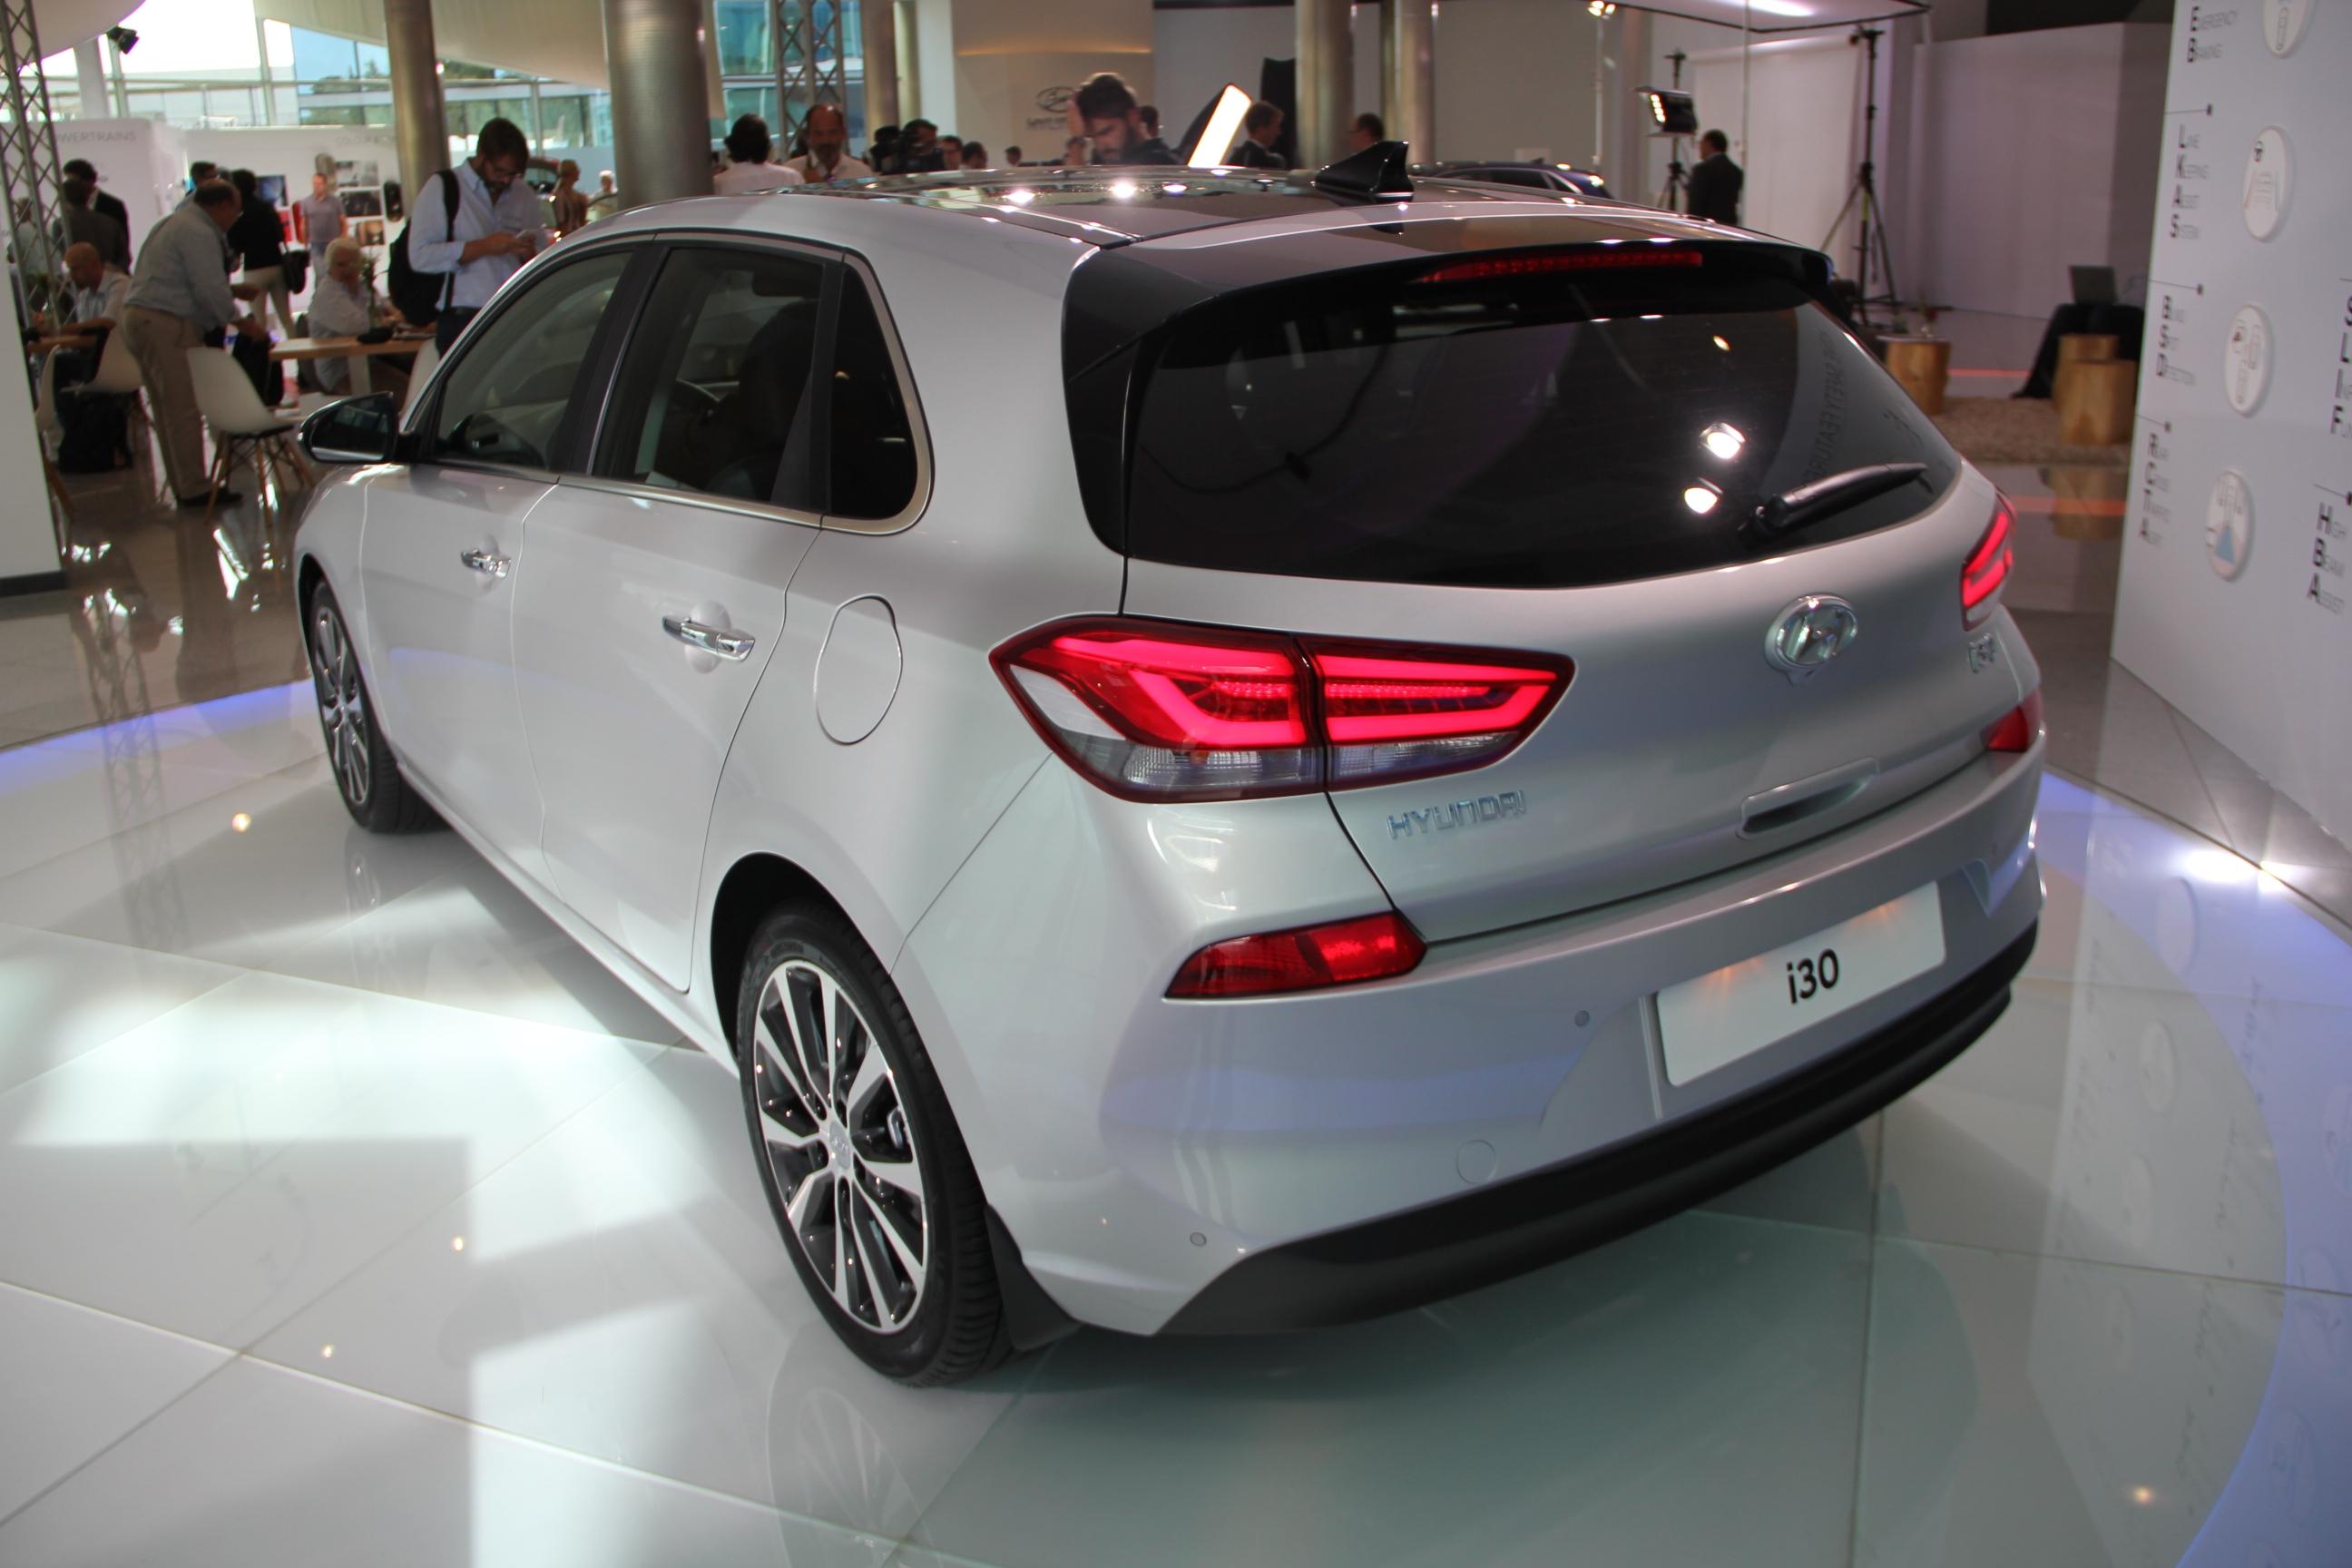 Pr 233 Sentation Vid 233 O En Avant Premi 232 Re Nouvelle Hyundai